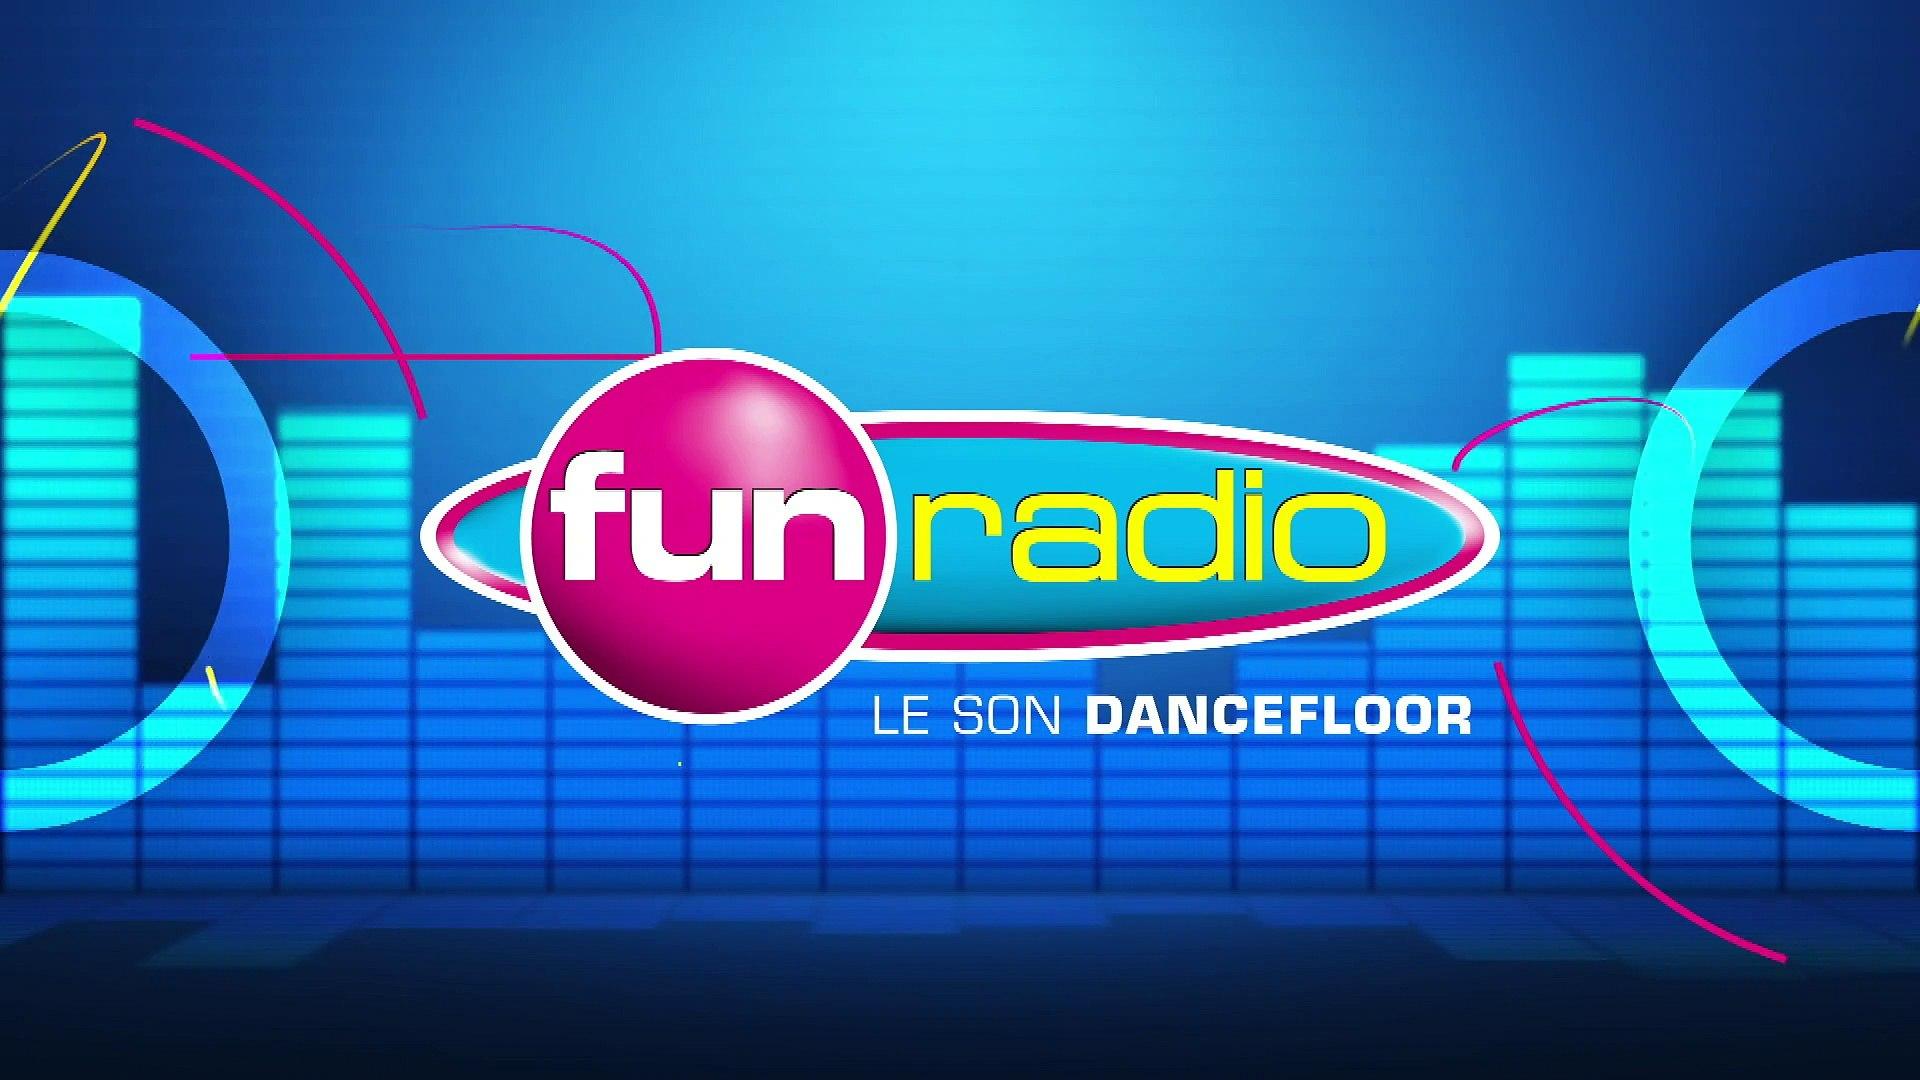 bandeau-fun-radio